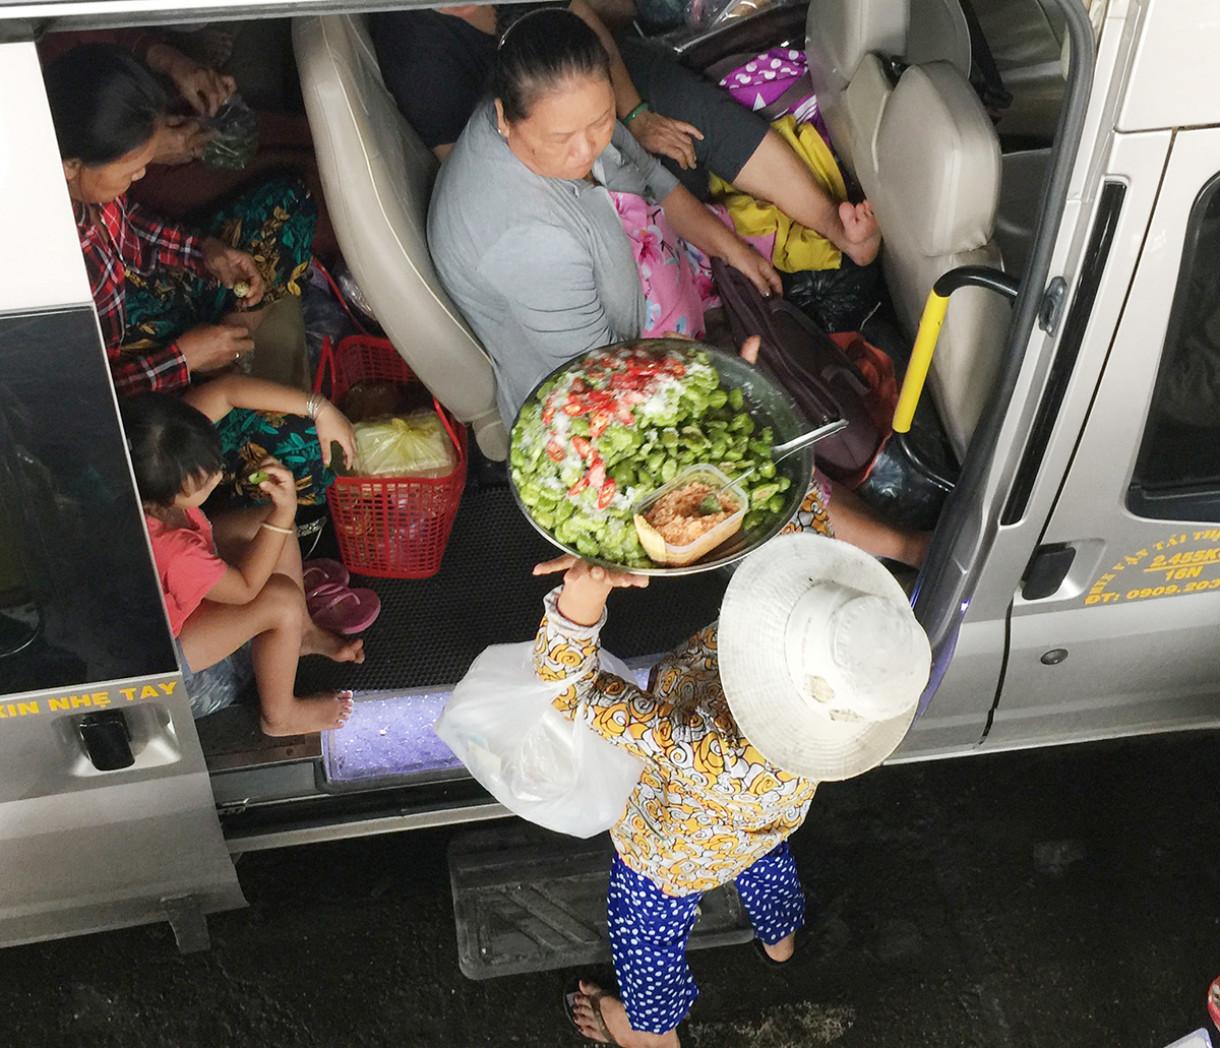 Một cụ bà đội mâm hoa quả dầm muối ớt đang rao bán trên phà. Nếu trong ngày bán được hết hàng, bà sẽ có khoảng 600 ngàn, trong đó tiền vốn bỏ ra đã hết chừng 400 ngàn...